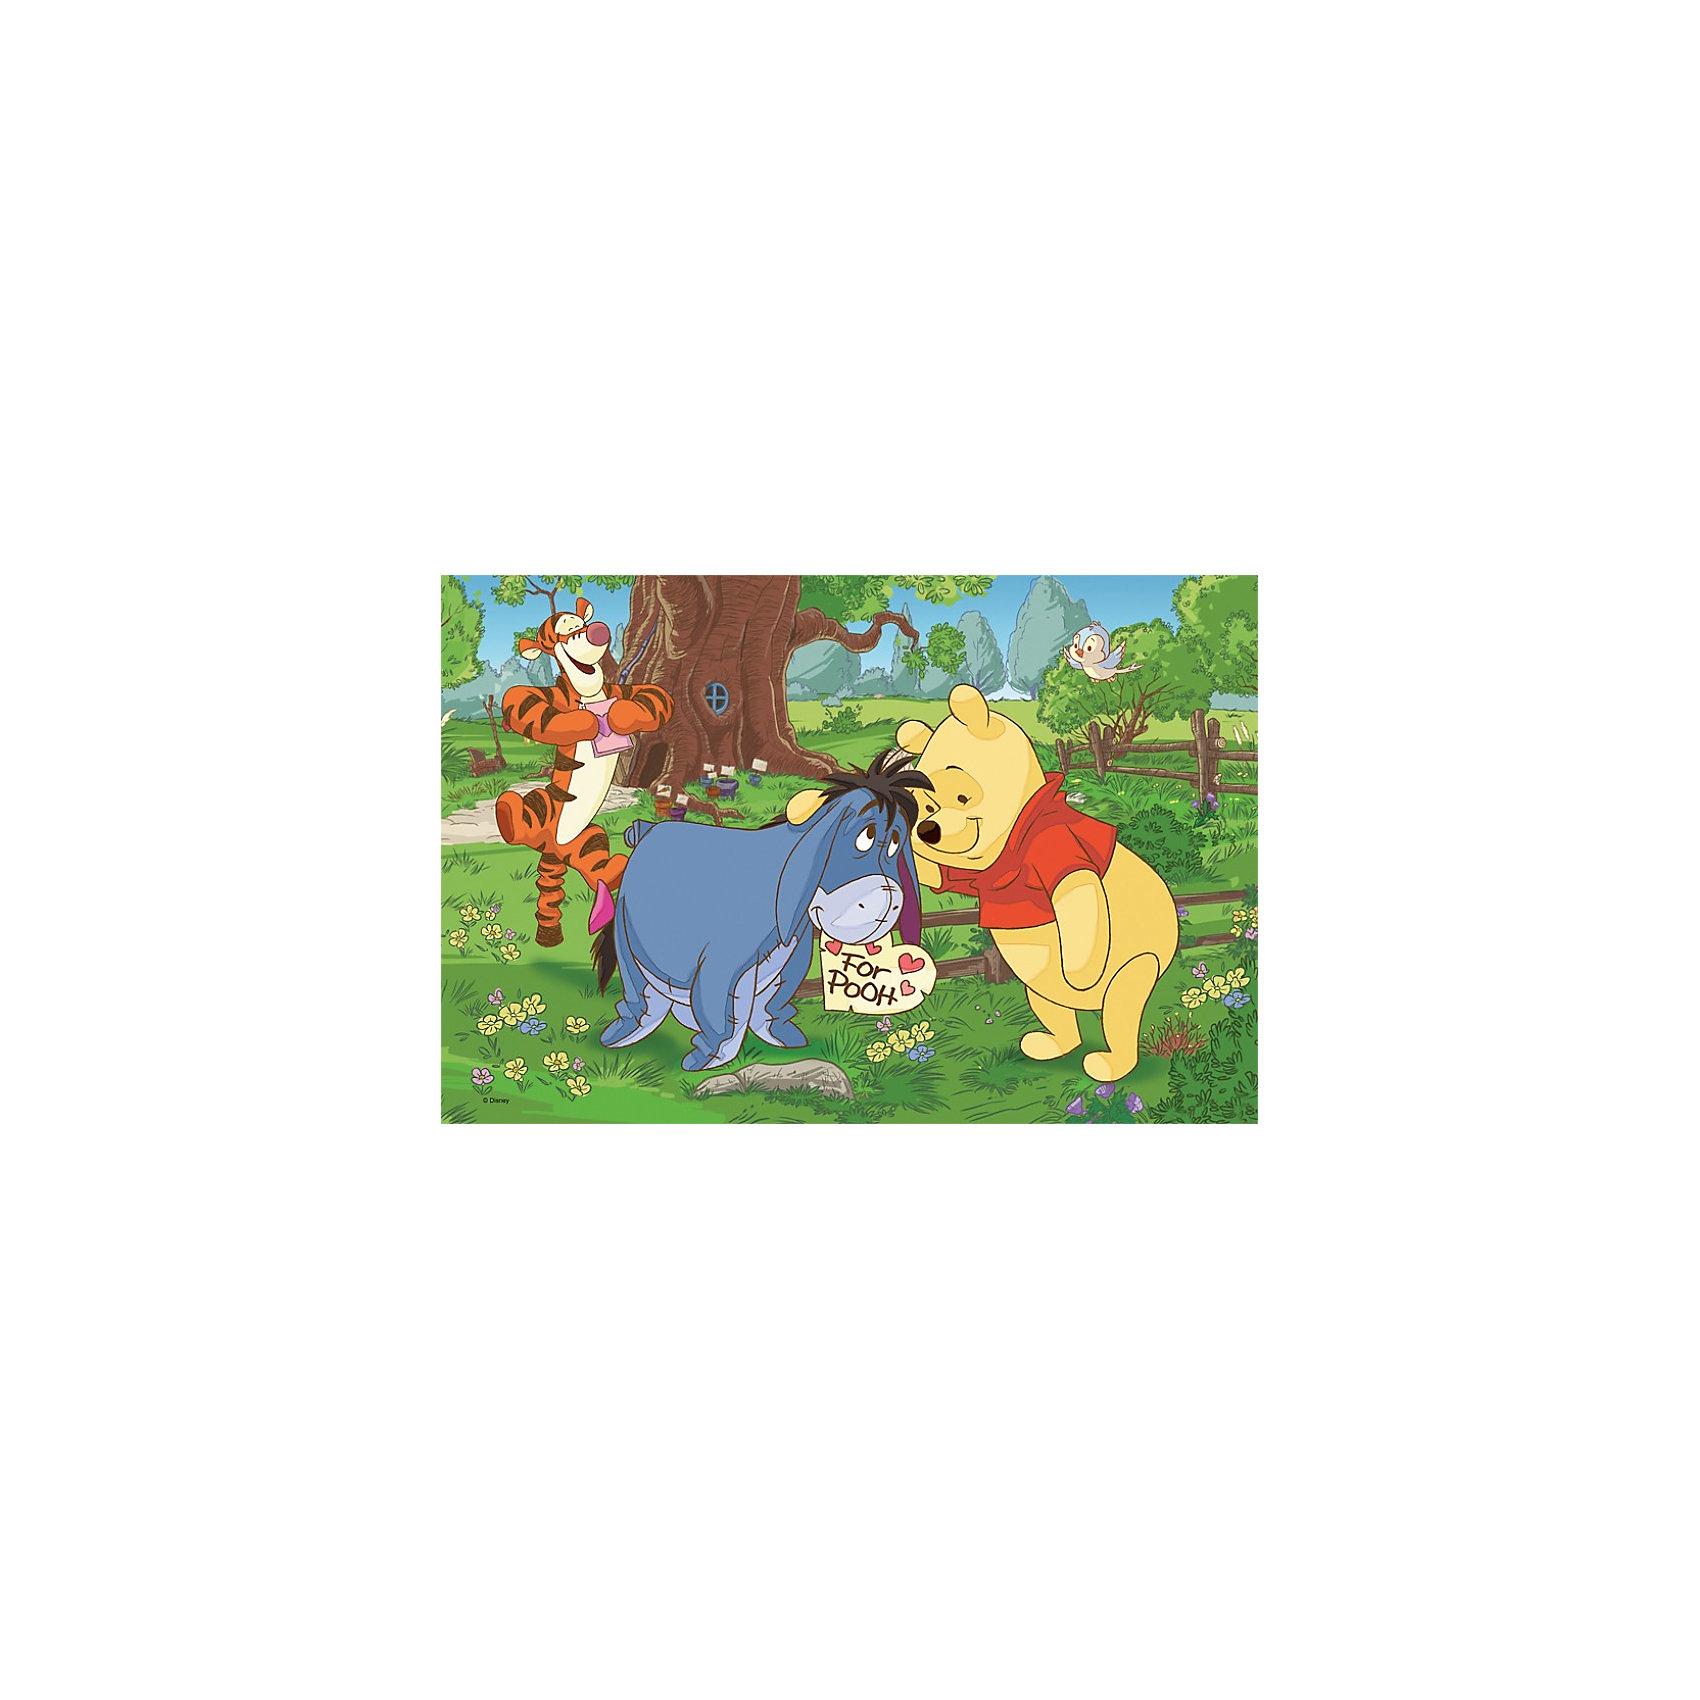 Пазлы Макси - Друзья Винни Пуха, 24 элемента, TreflПазлы для малышей<br>Пазл Макси - Друзья Винни Пуха от польской компании Trefl с любимыми героями мультфильма о плюшевом медвежонке и его друзьях не оставит Вашего малыша равнодушным. Пазл будет не только интересен, но и полезен для ребенка. При игре малыш сможет потренировать мелкую моторику рук, воображение, ассоциативное и логическое мышление.<br>Специальное покрытие позволит сохранить пазл в хорошем состоянии в течение долгого времени.<br>Количество элементов: 24 шт<br>Для детей от 3х лет<br><br>Ширина мм: 402<br>Глубина мм: 268<br>Высота мм: 50<br>Вес г: 653<br>Возраст от месяцев: 36<br>Возраст до месяцев: 60<br>Пол: Унисекс<br>Возраст: Детский<br>Количество деталей: 24<br>SKU: 3705627